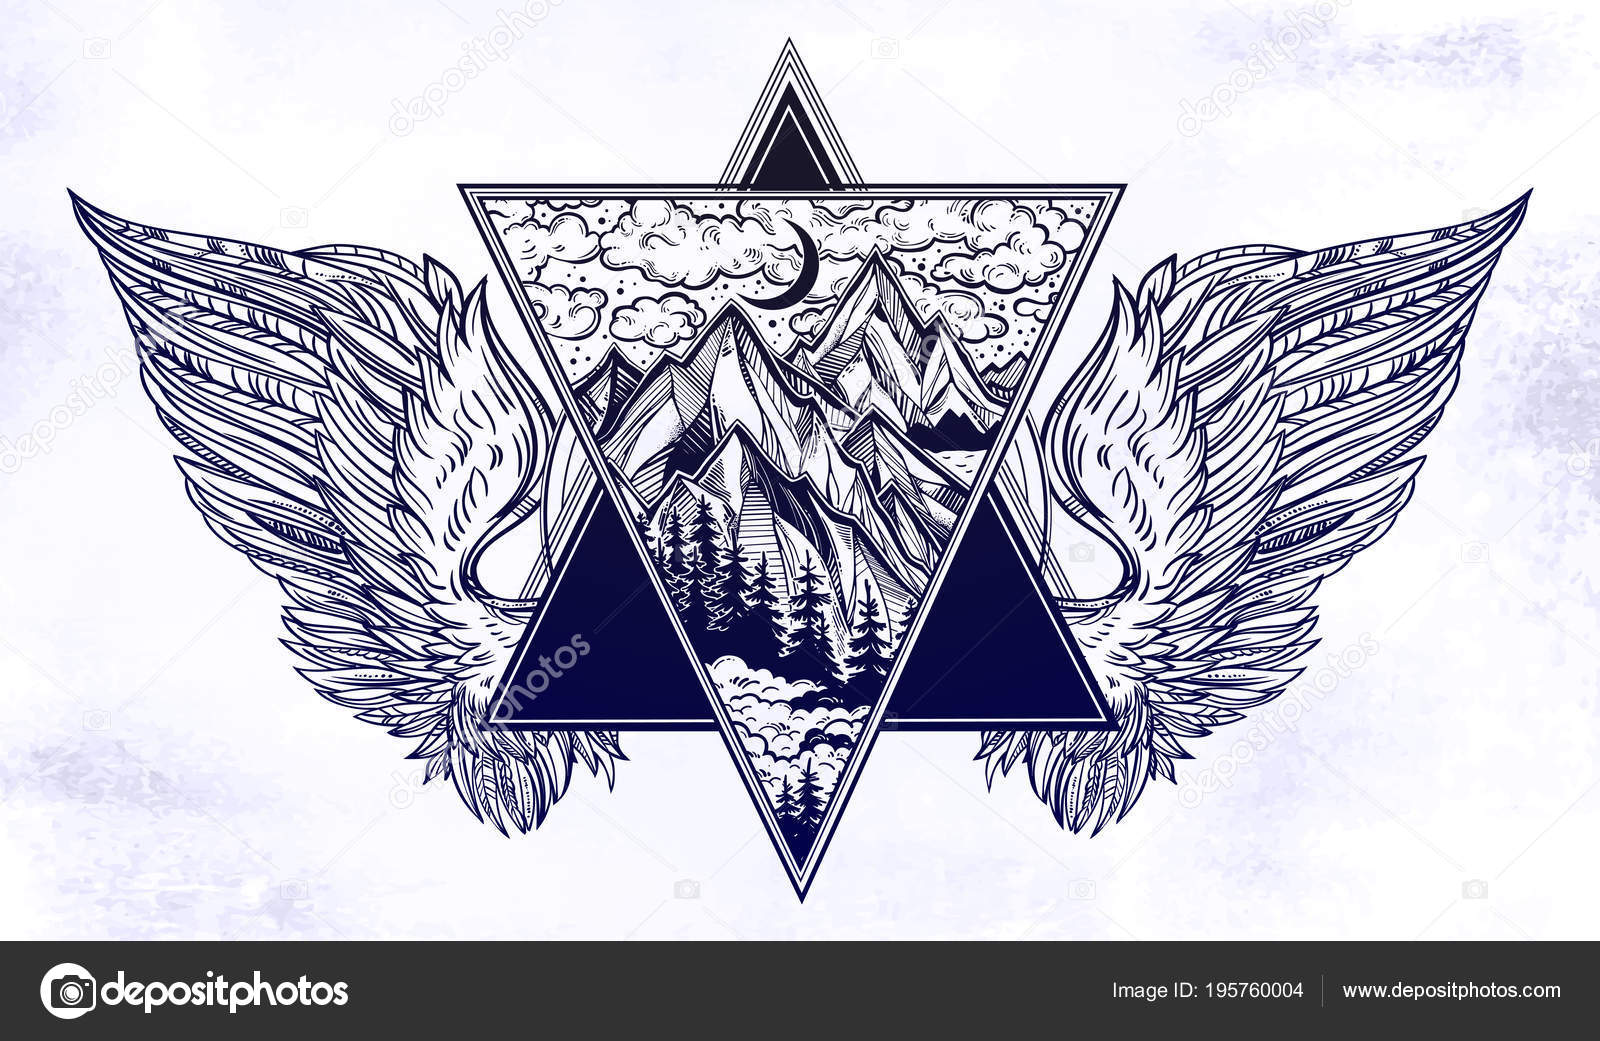 Quadro De Triângulo Surreal Com Asas De Anjo Ou Pássaro No